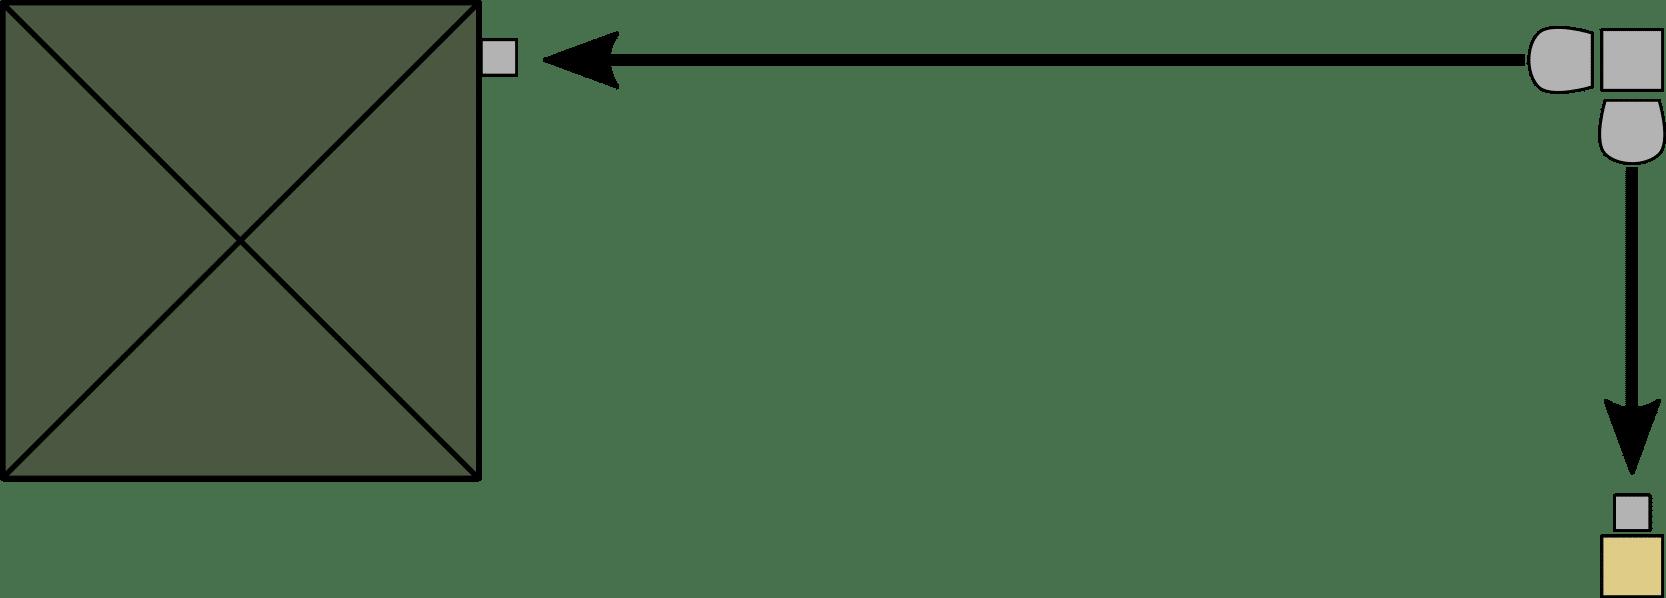 Seitenmarkise Eck-Lösung - Montage Doppelmarkise doppelt